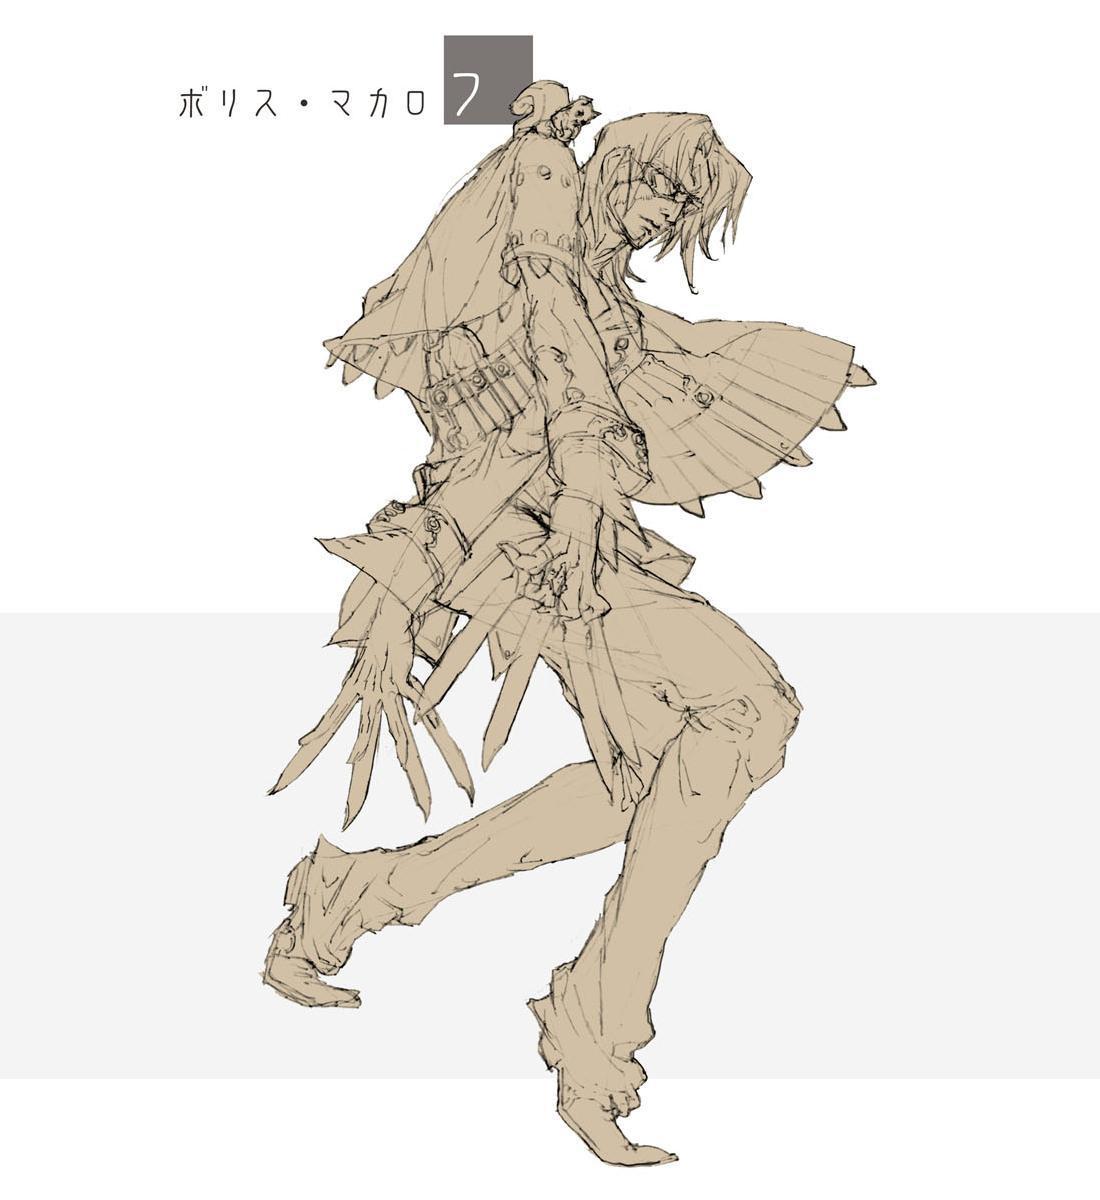 新キャラクターのコンセプトアート。従来のリアル系のキャラクターから一転して、フィクション色の濃いアニメ的なキャラクターに転換するようだ